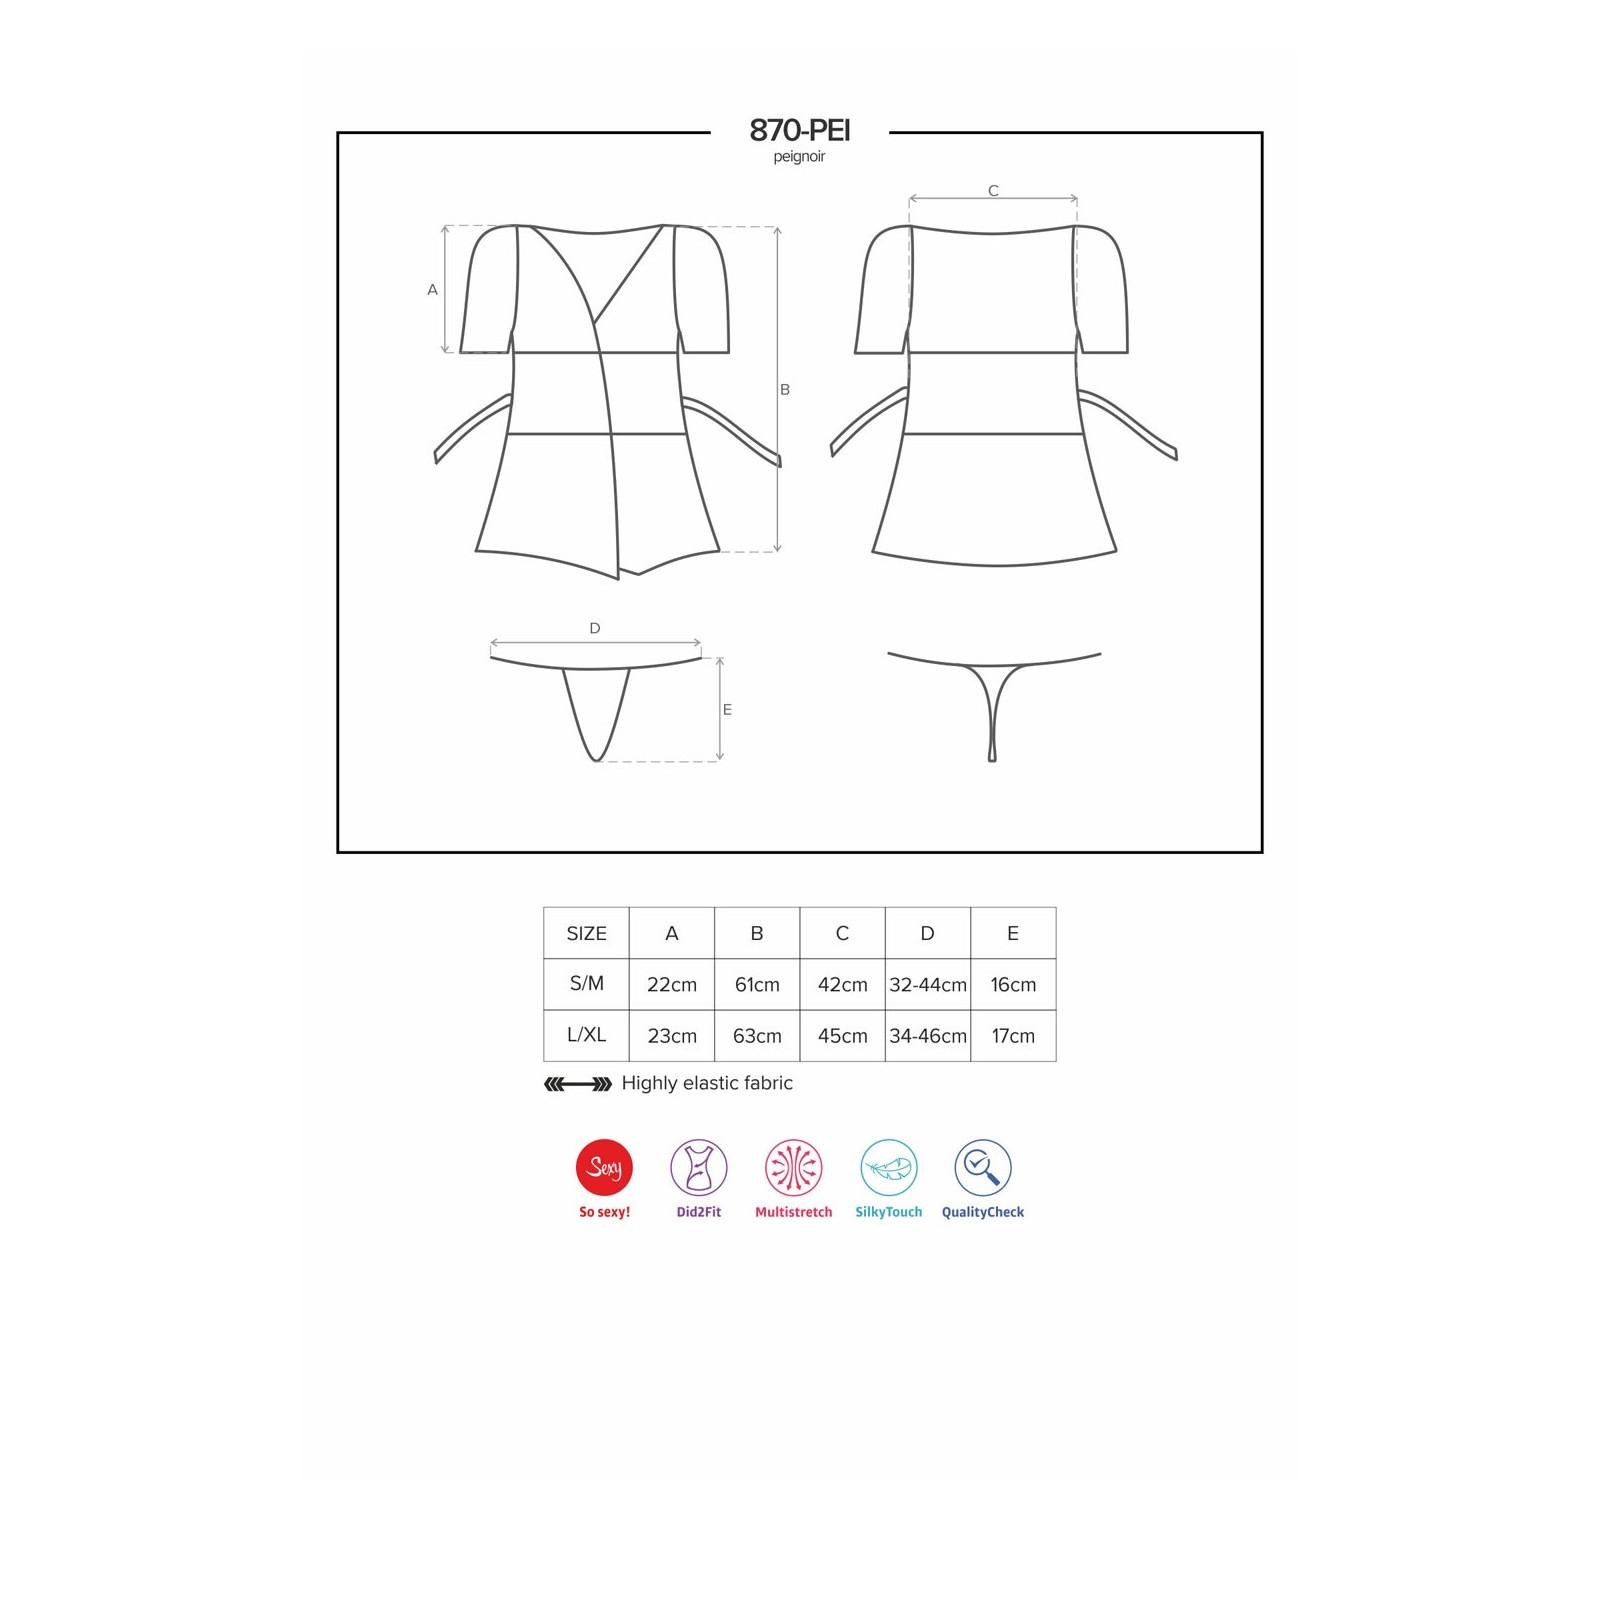 870-PEI-3 Peignoir rot - 7 - Vorschaubild